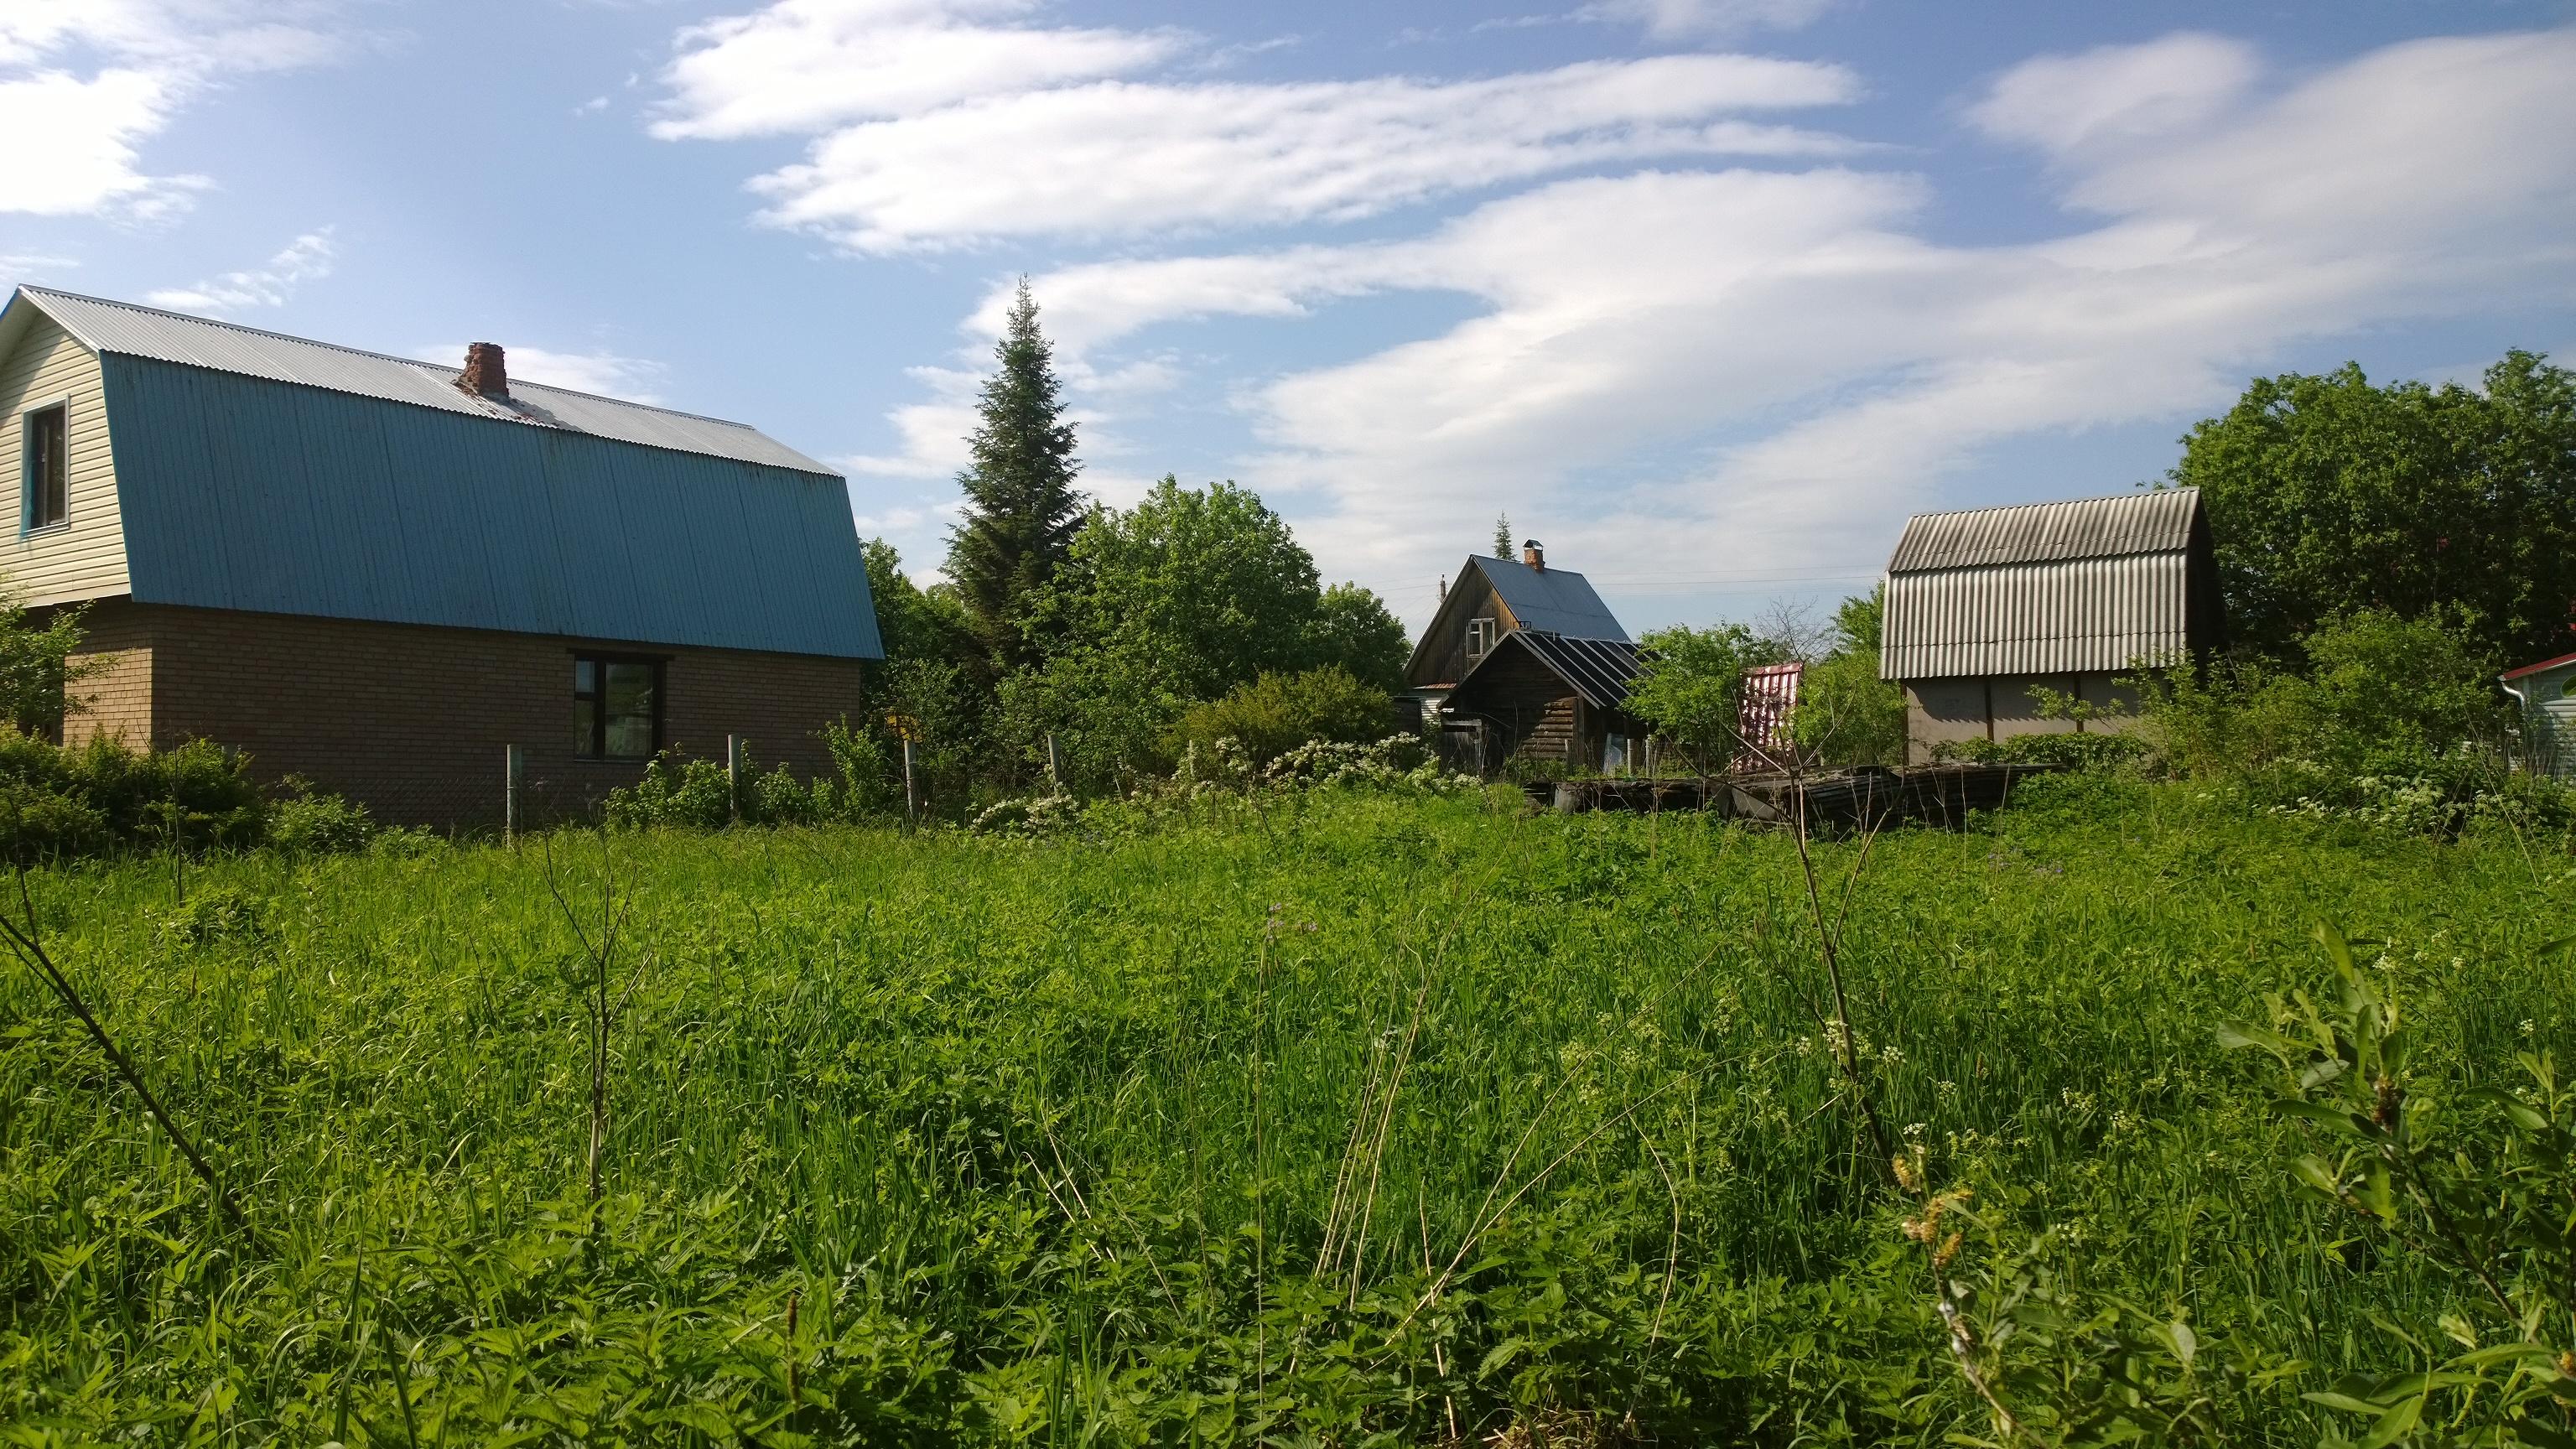 земельный участок многодетным семьям в ленинградской области